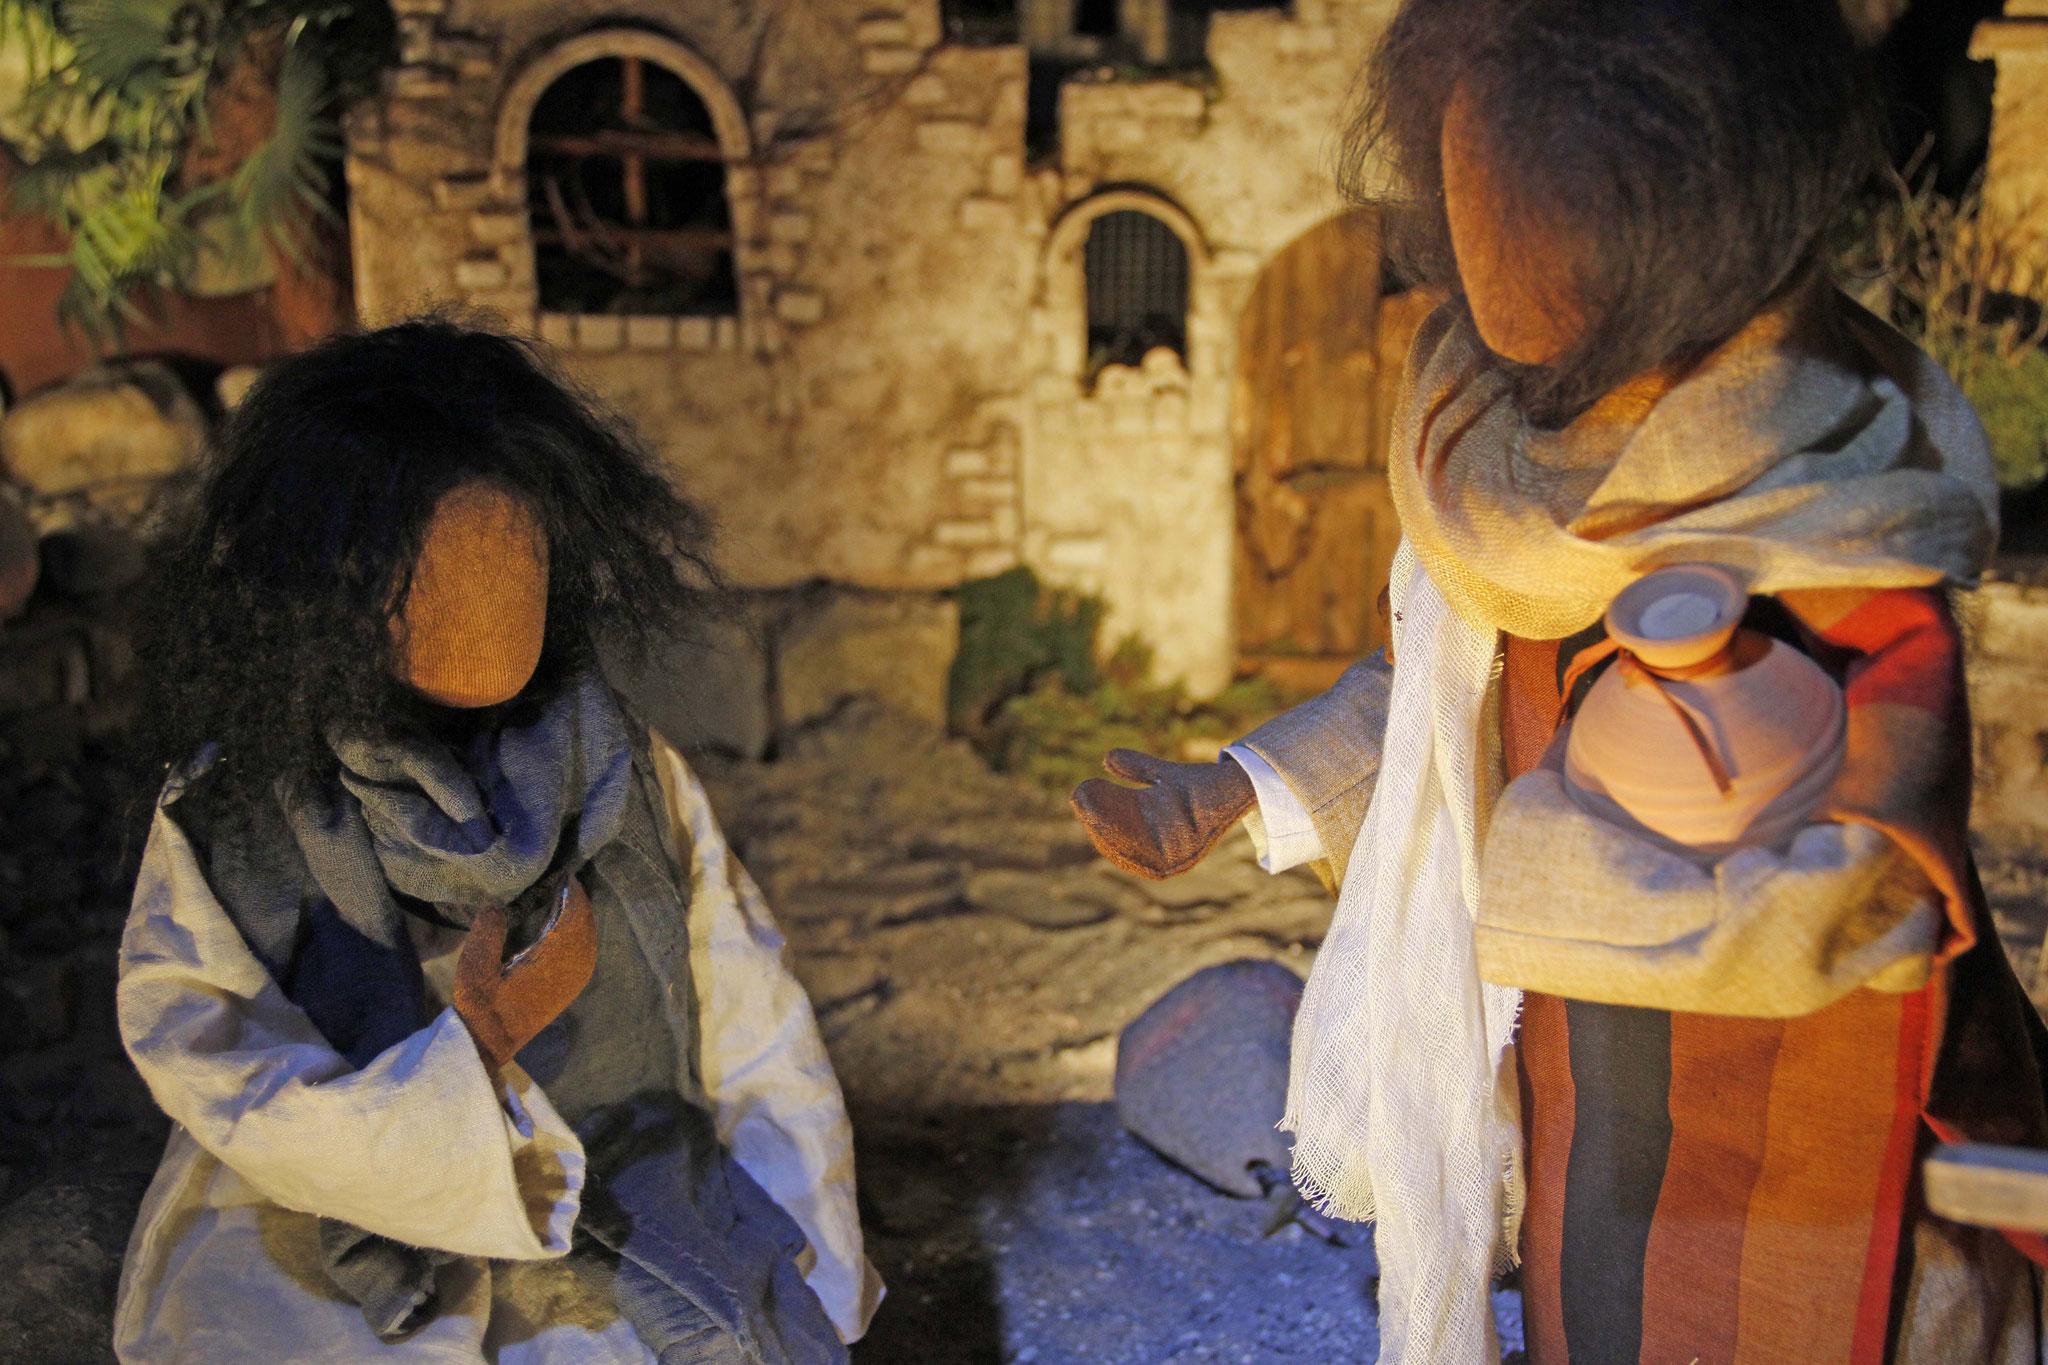 """Jesus antwortete ihr: """"Wenn du wüsstest, wer dich um Wasser aus dem Brunnen bittet, dann hättest du mich um Wasser gebeten."""" Sie sagte: """"Wie willst du mir Wasser geben? Du hast ja kein Gefäss zum Schöpfen!"""""""